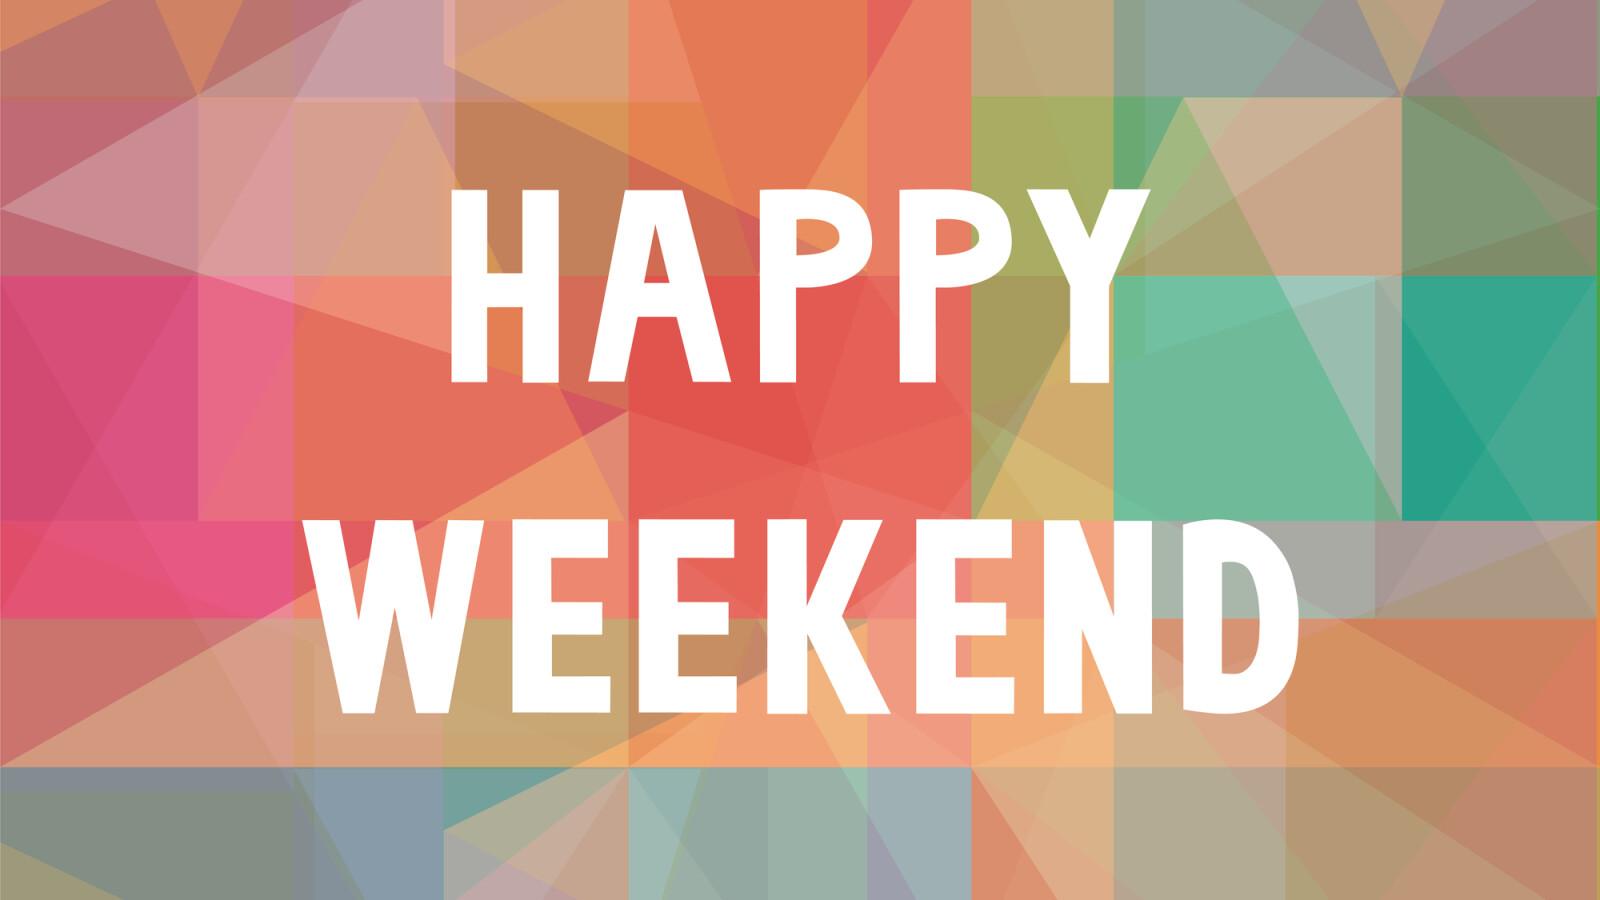 Schönes Wochenende Sprüche Die Euch Das Wochenende Versüßen Netzwelt